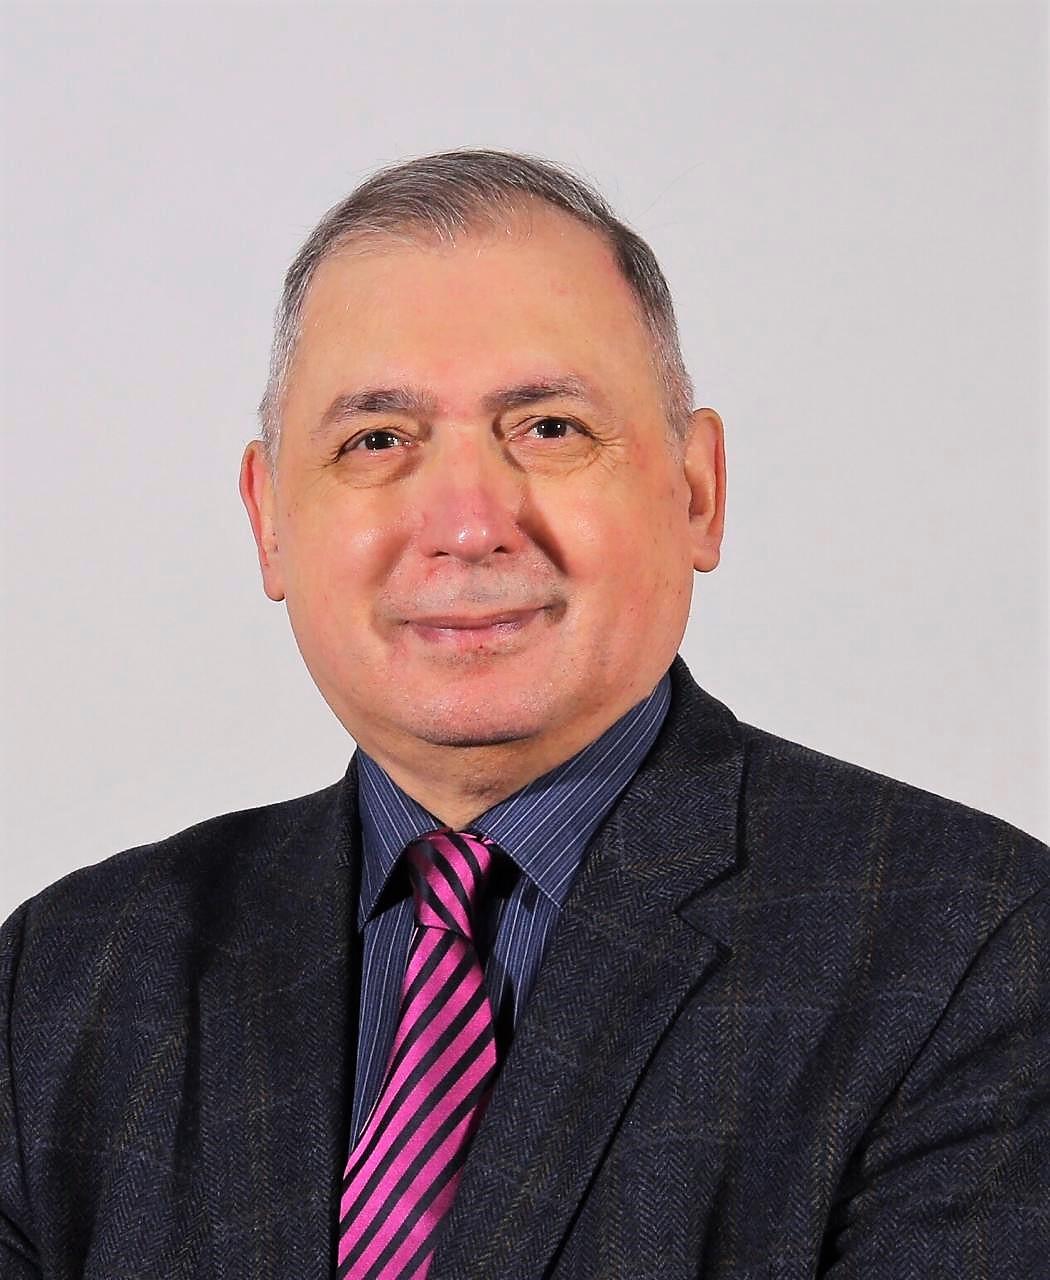 Адвокат в балашихи александр геннадьевич усанов отзывы